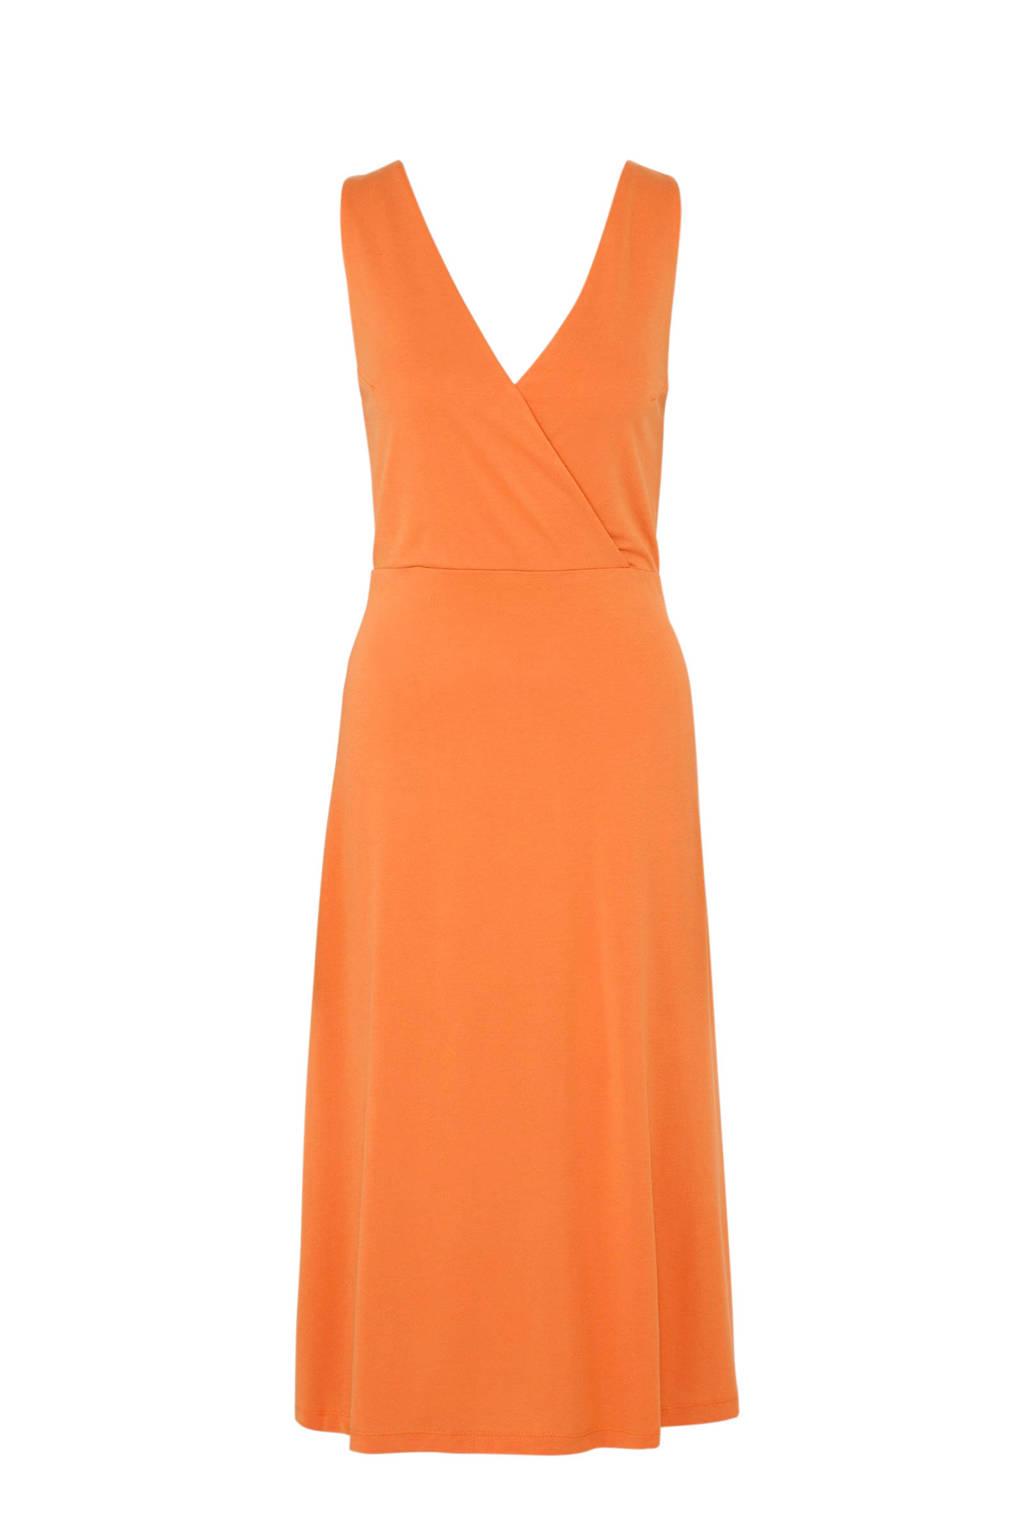 Mango jurk met overslag oranje, Oranje